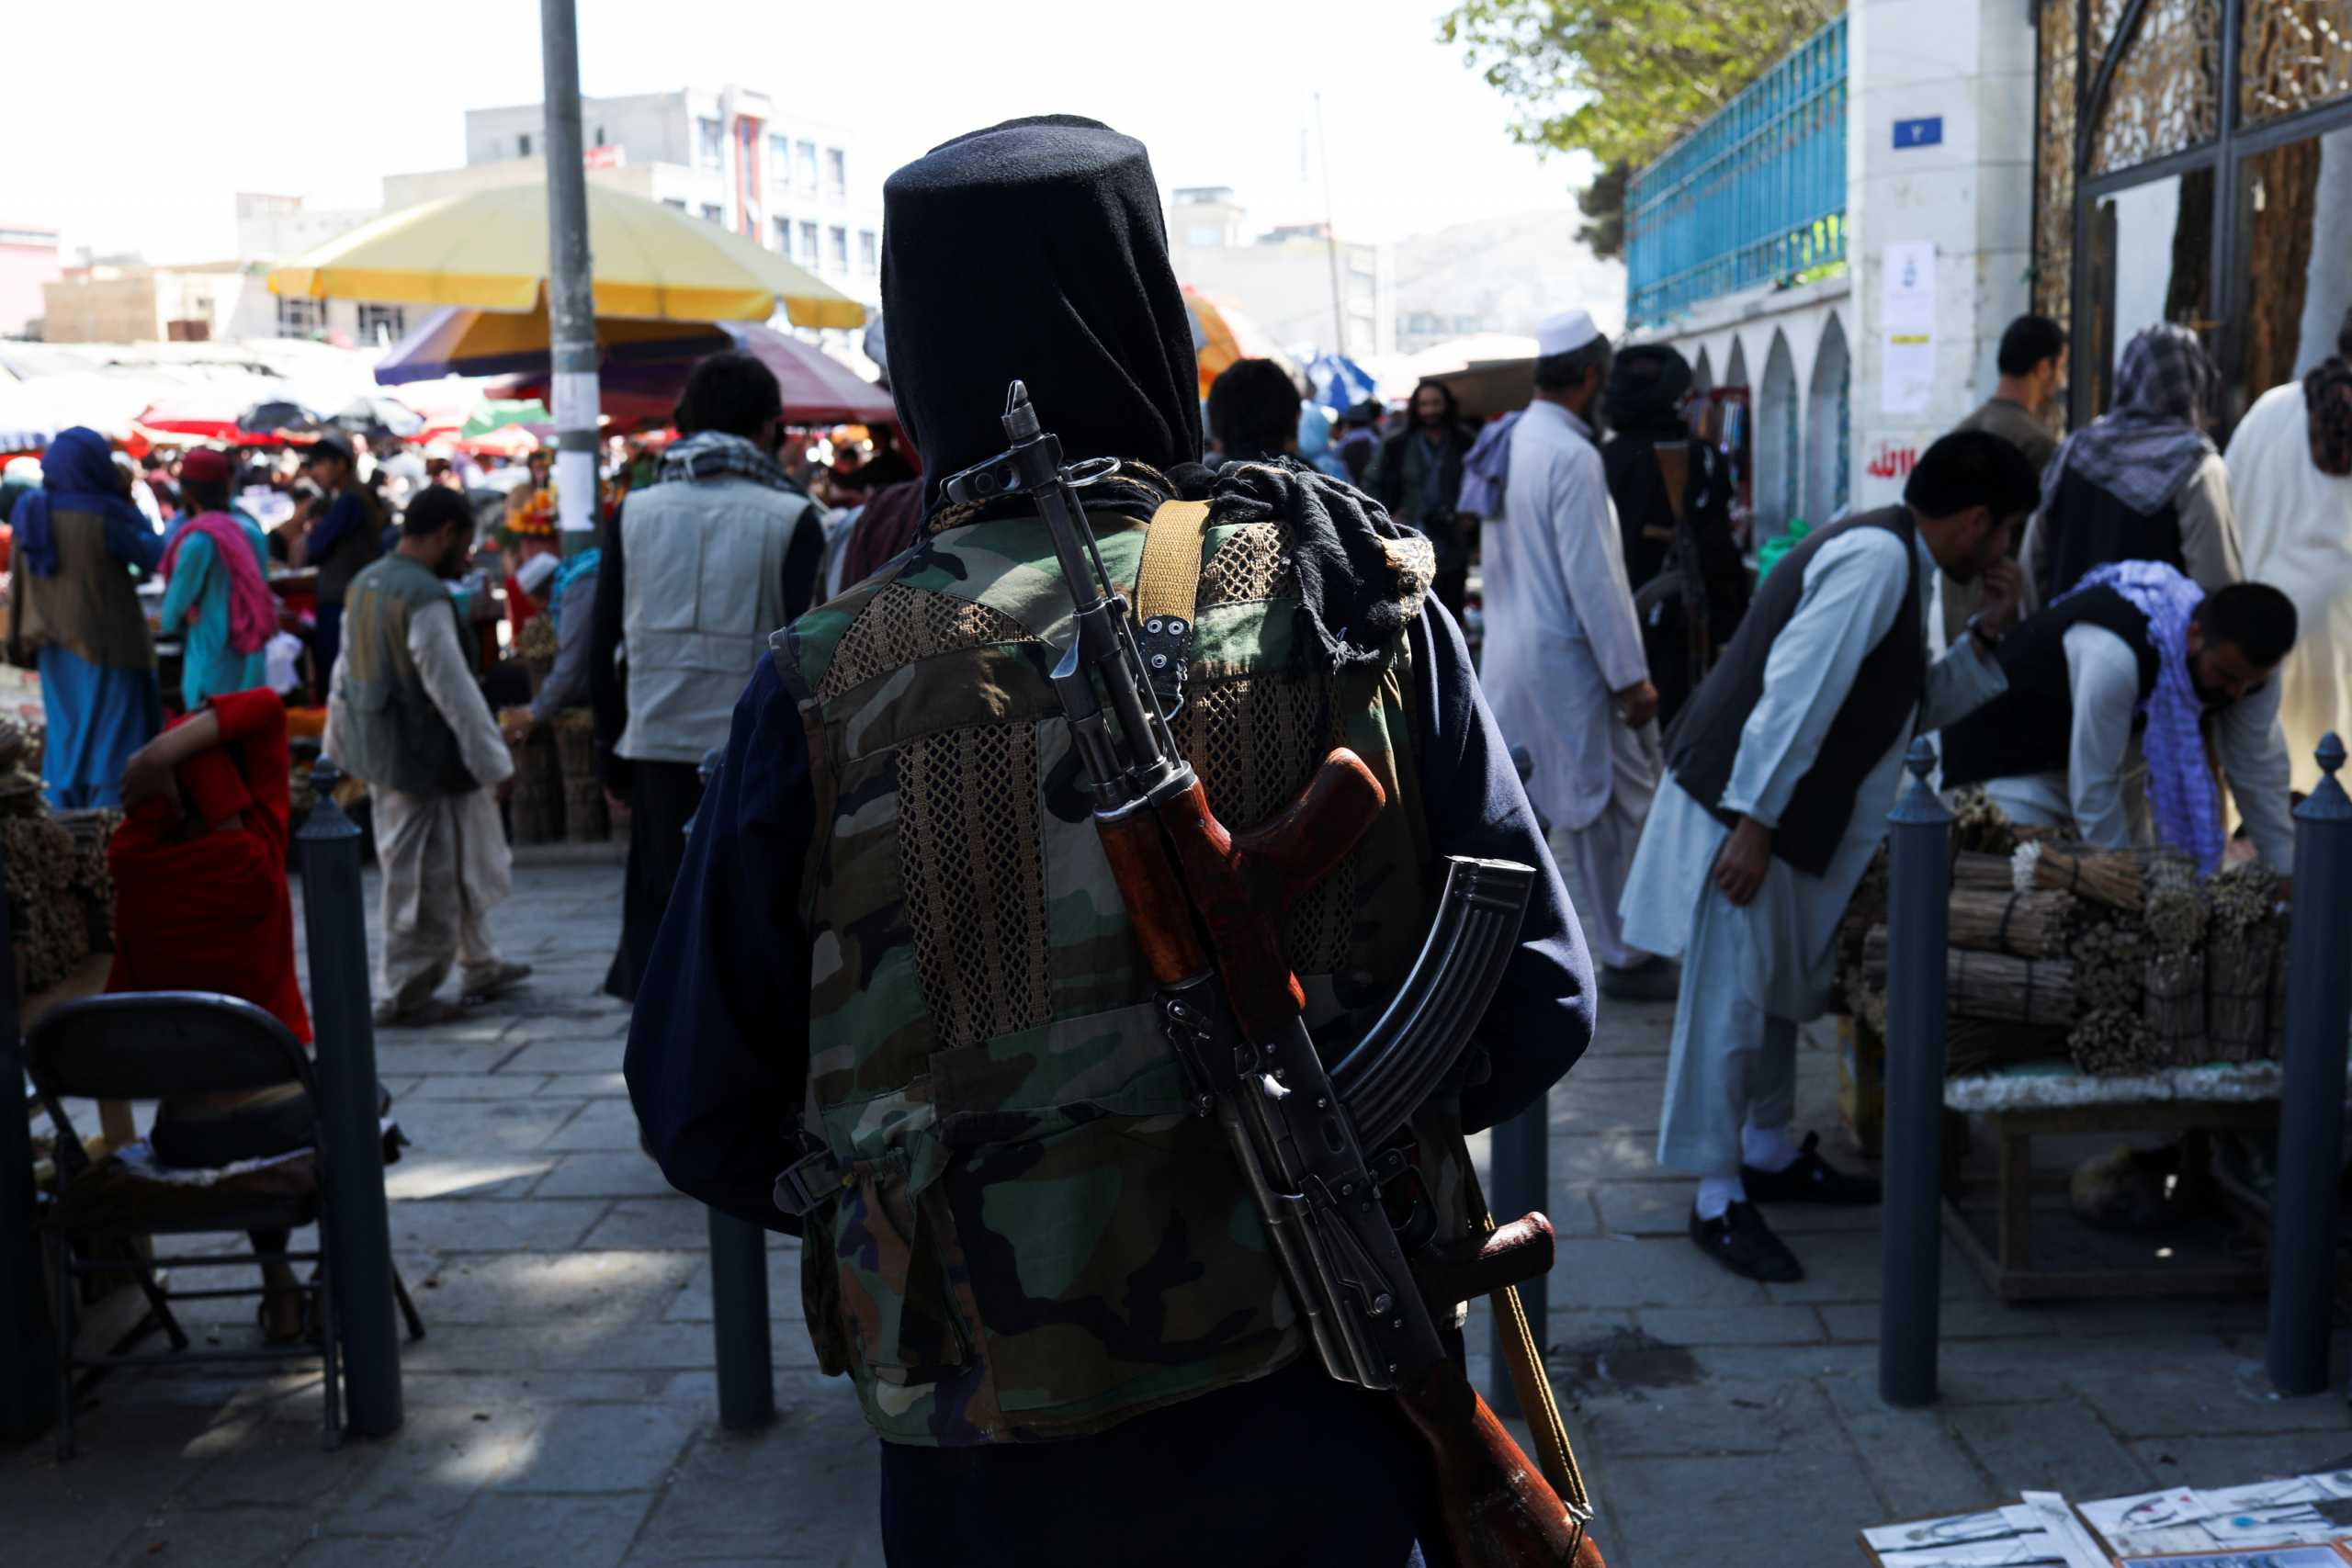 Το Συμβούλιο Ασφαλείας του ΟΗΕ παρέτεινε για άλλους έξι μήνες την αποστολή του στο Αφγανιστάν